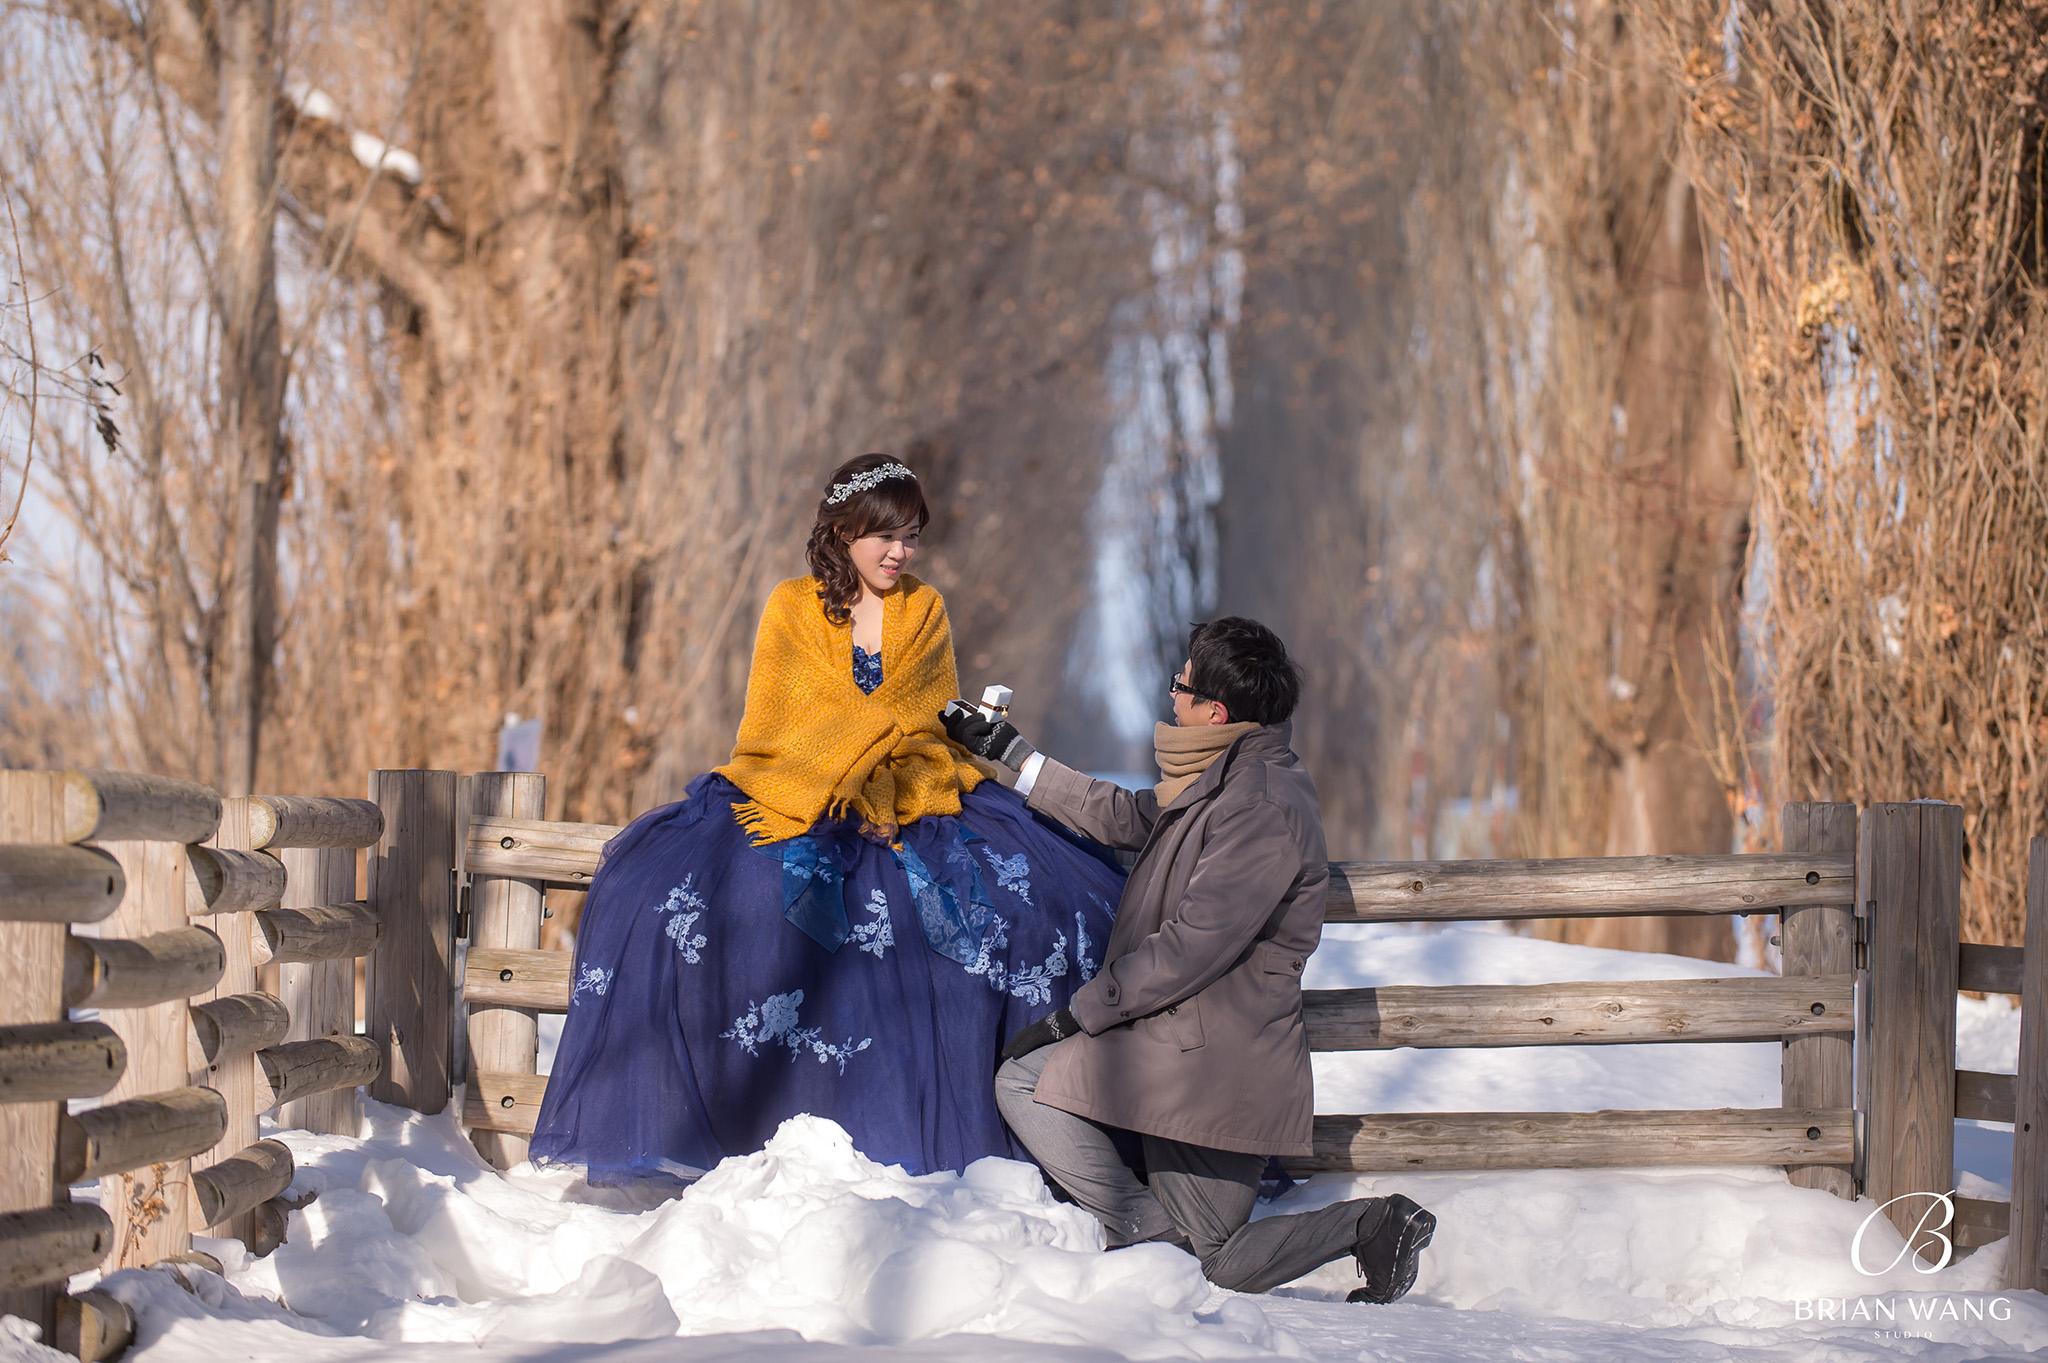 '北海道自助婚紗,北海道婚紗攝影,北海道雪景婚紗,海外婚紗價格,雪景婚紗,拍和服,北海道海外婚紗費用,伏見稻荷,札幌,2048BWS_7107'